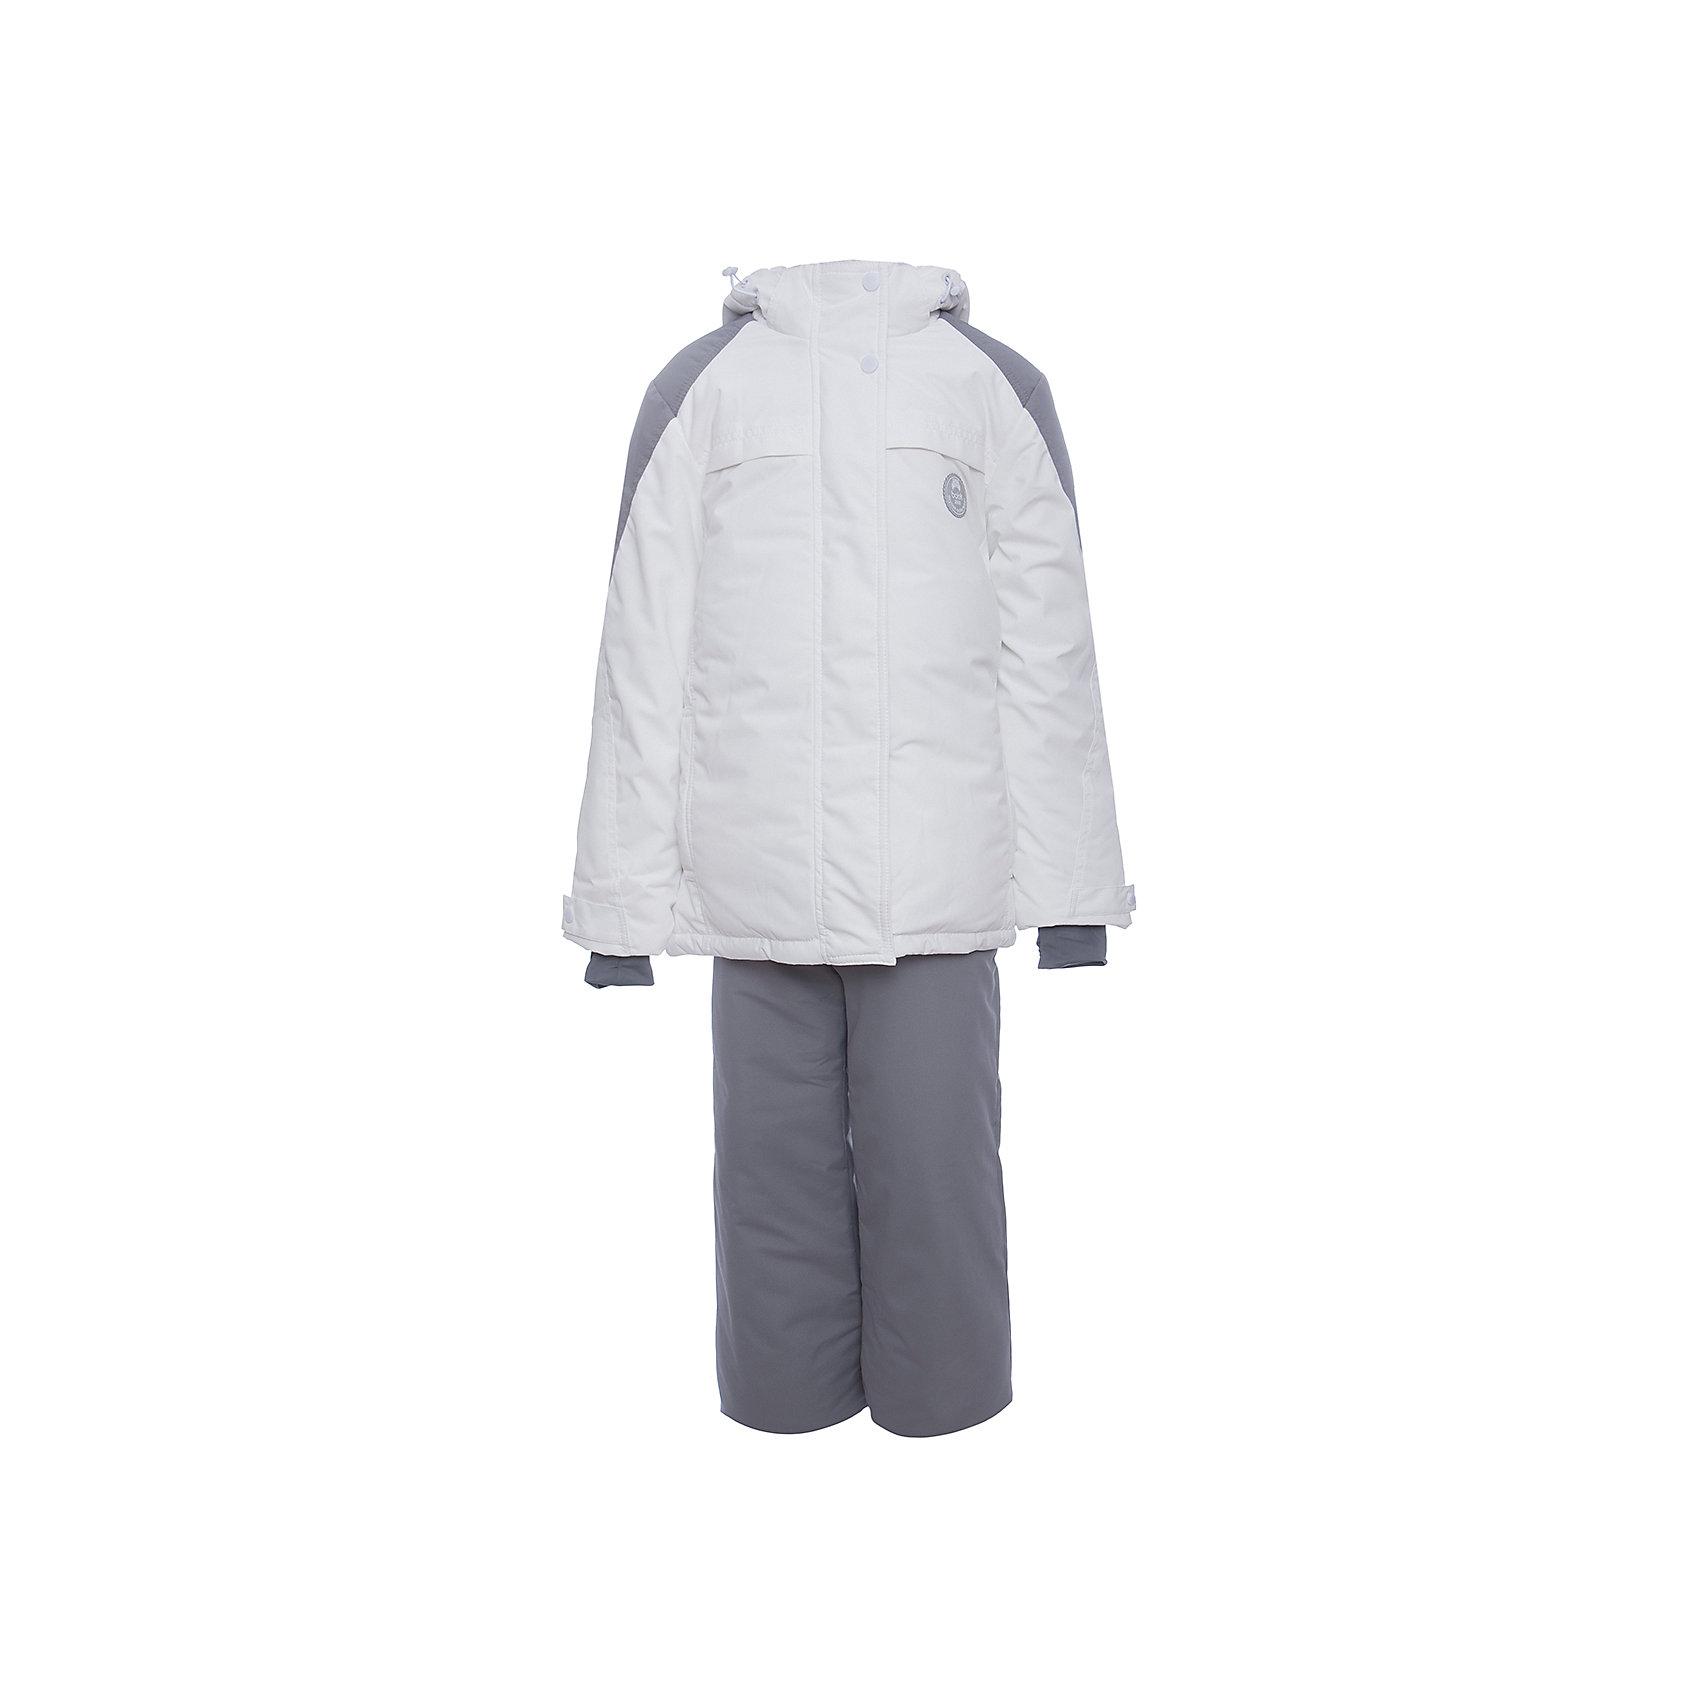 Комплект: куртка и полукомбенизон очками Batik для девочкиВерхняя одежда<br>Характеристики товара:<br><br>• цвет: белый<br>• комплектация: куртка и полукомбинезон <br>• состав ткани: таслан<br>• подкладка: поларфлис<br>• утеплитель: термофин <br>• сезон: зима<br>• мембранное покрытие<br>• температурный режим: от -35 до 0<br>• водонепроницаемость: 5000 мм <br>• паропроницаемость: 5000 г/м2<br>• плотность утеплителя: куртка - 350 г/м2, полукомбинезон - 150 г/м2<br>• застежка: молния<br>• капюшон: без меха, отстегивается<br>• в комплекте горнолыжные очки<br>• встроенный термодатчик<br>• страна бренда: Россия<br>• страна изготовитель: Россия<br><br>Этот мембранный комплект для девочки дополнен очками. Он позволяет создать комфортный микроклимат даже в сильные морозы. Верх детской зимней куртки и полукомбинезона не промокает и не продувается. Мягкая подкладка детского комплекта для зимы приятна на ощупь.<br><br>Комплект: куртка и полукомбинезон Batik (Батик) для девочки можно купить в нашем интернет-магазине.<br><br>Ширина мм: 356<br>Глубина мм: 10<br>Высота мм: 245<br>Вес г: 519<br>Цвет: белый<br>Возраст от месяцев: 156<br>Возраст до месяцев: 168<br>Пол: Женский<br>Возраст: Детский<br>Размер: 164,146,152,158<br>SKU: 7027950